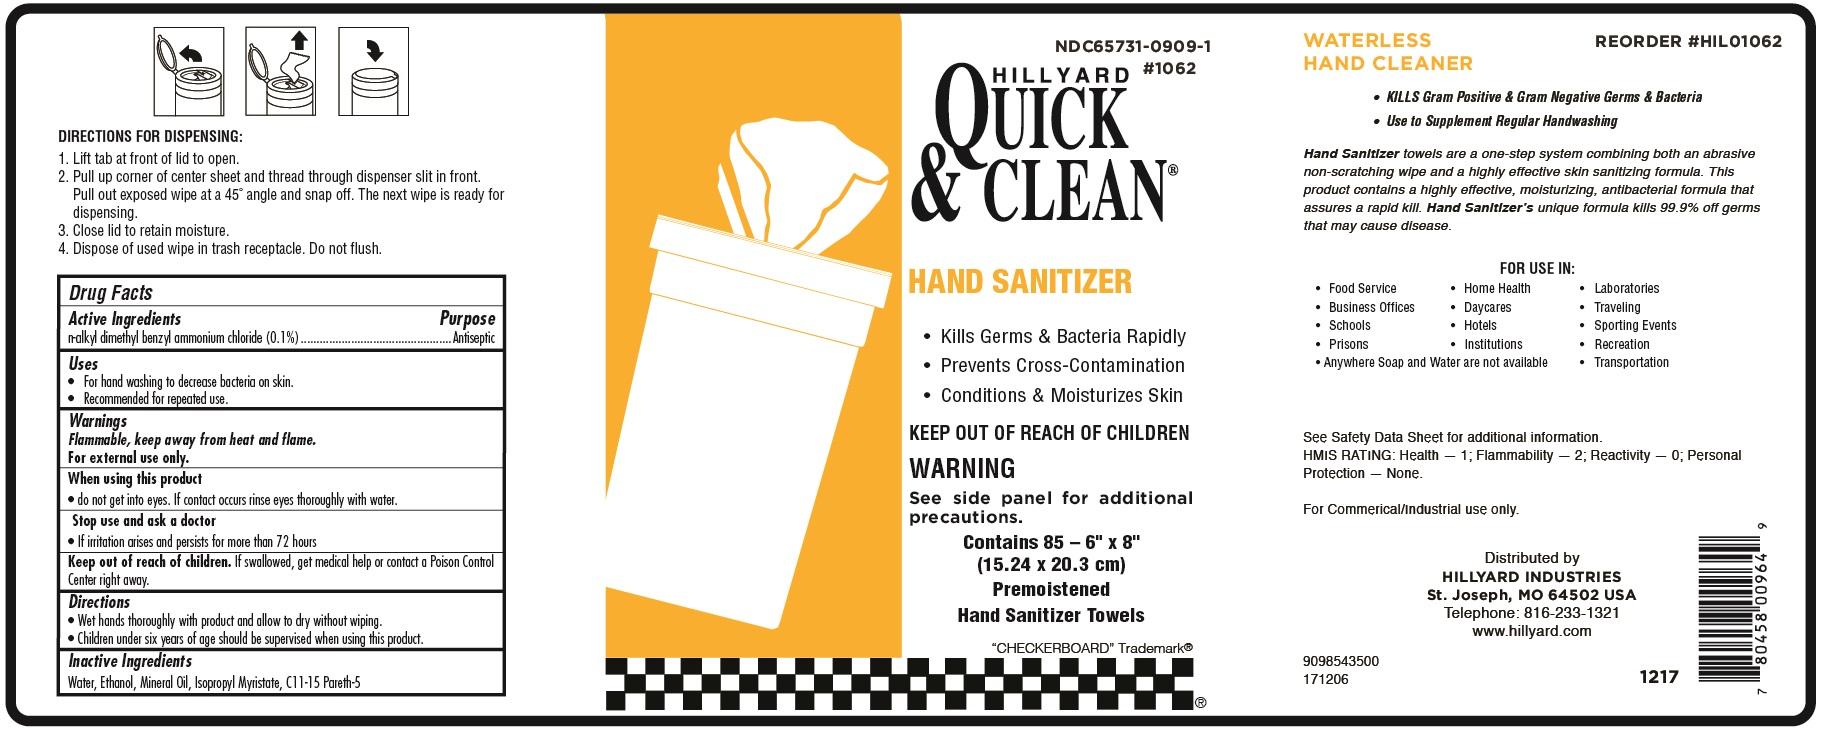 Quick & Clean Hand Sanitizer